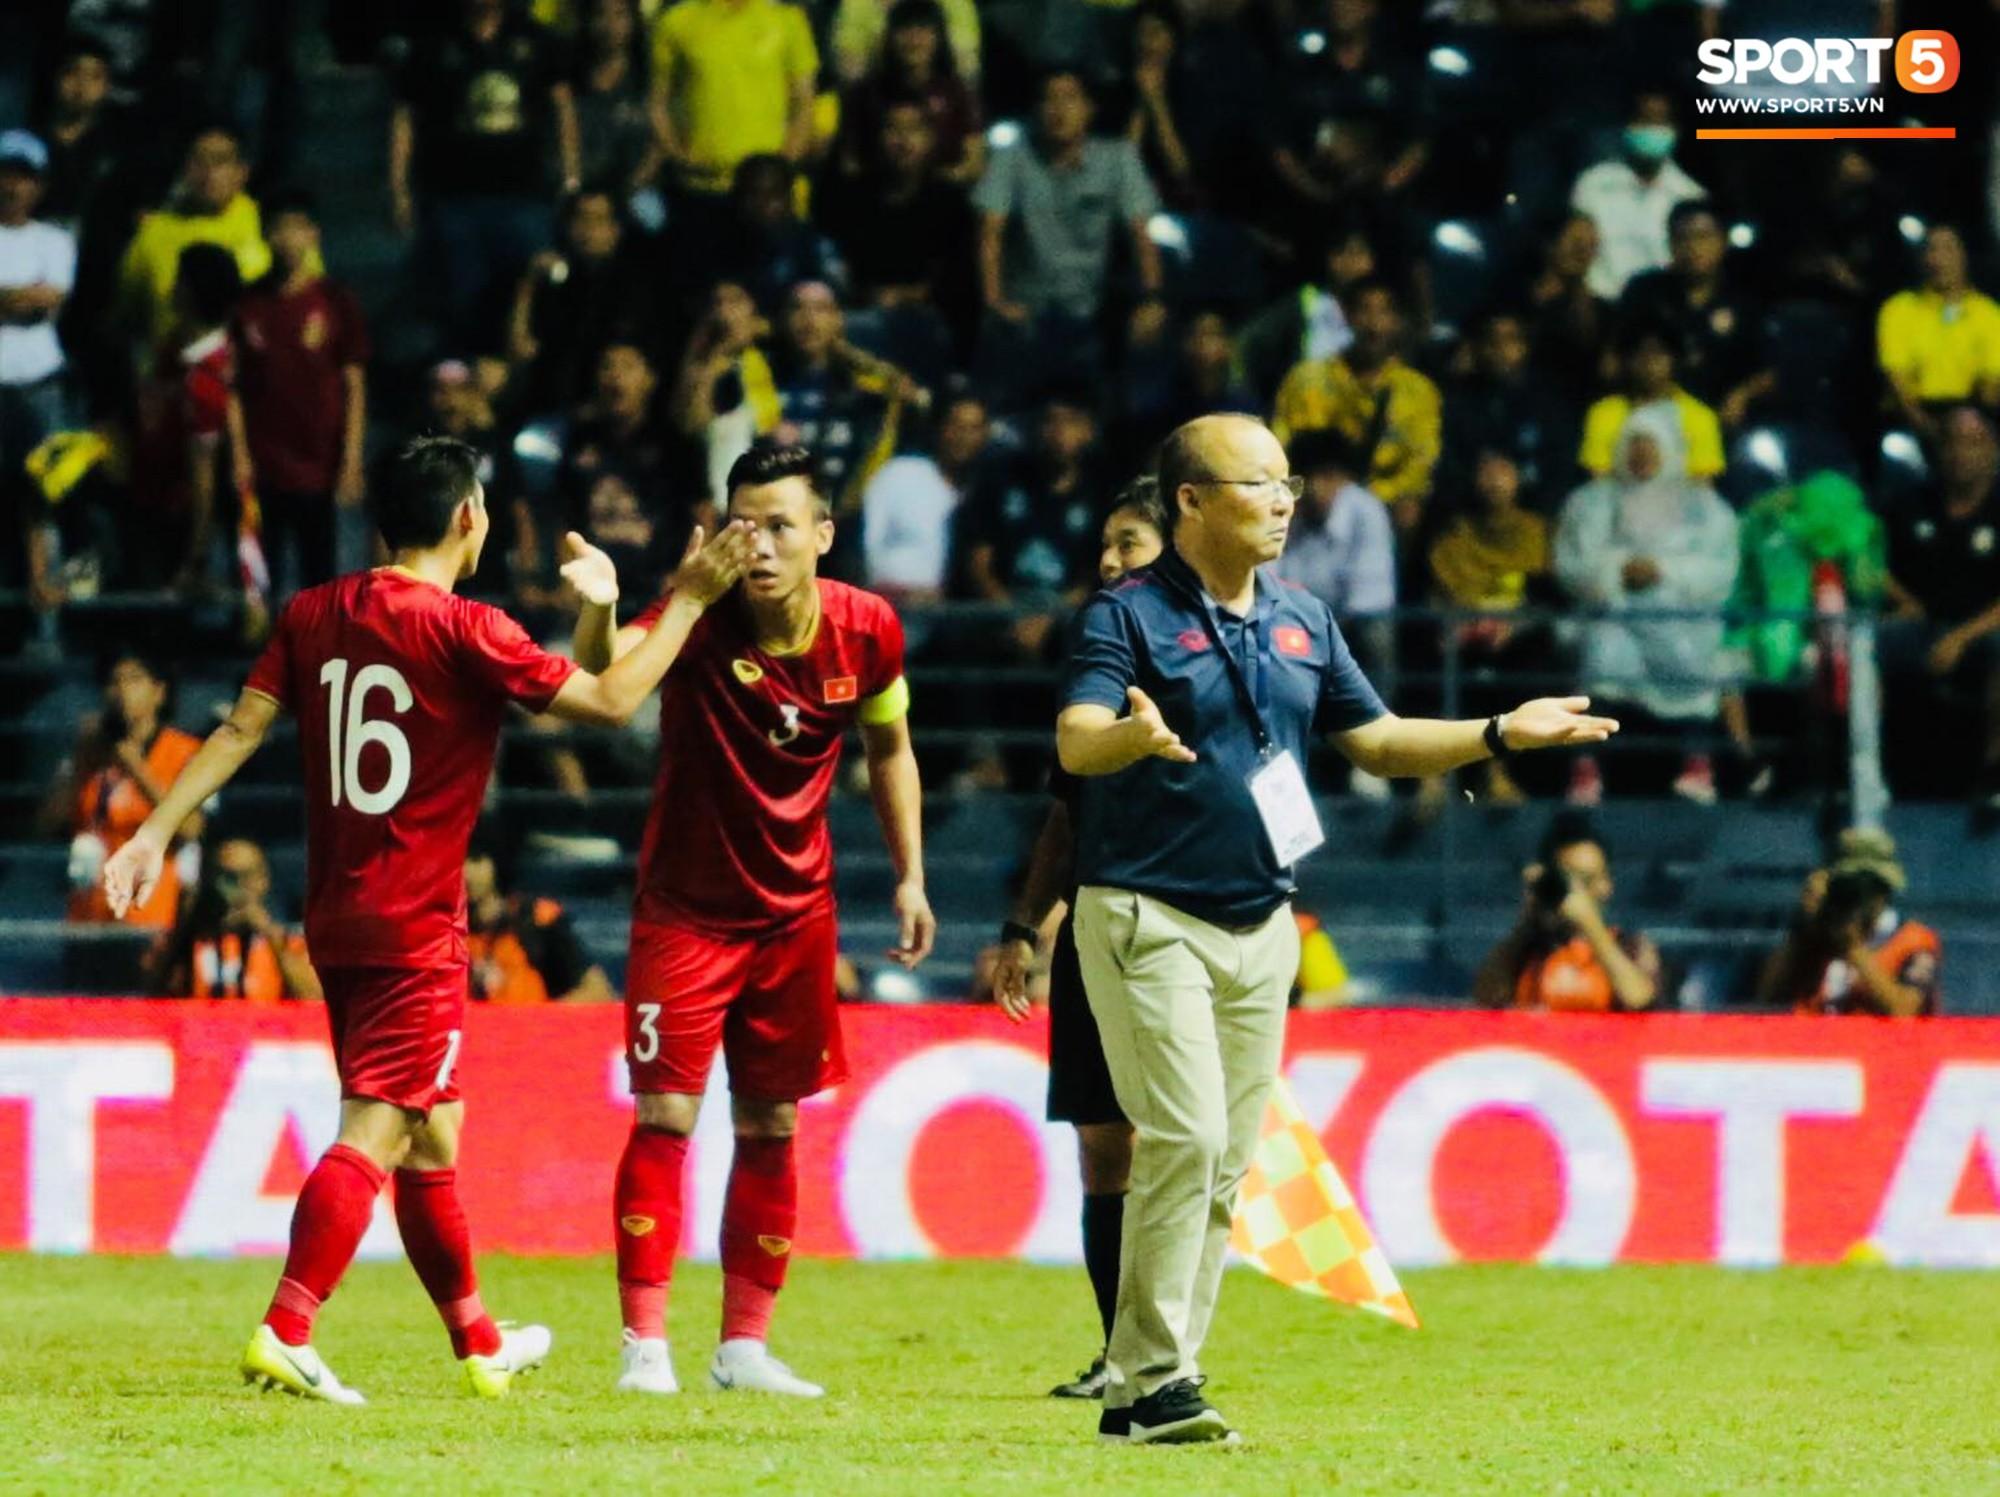 HLV Park Hang-seo lao vào sân phản ứng khi Văn Hậu bị đối phương tát vào mặt-5